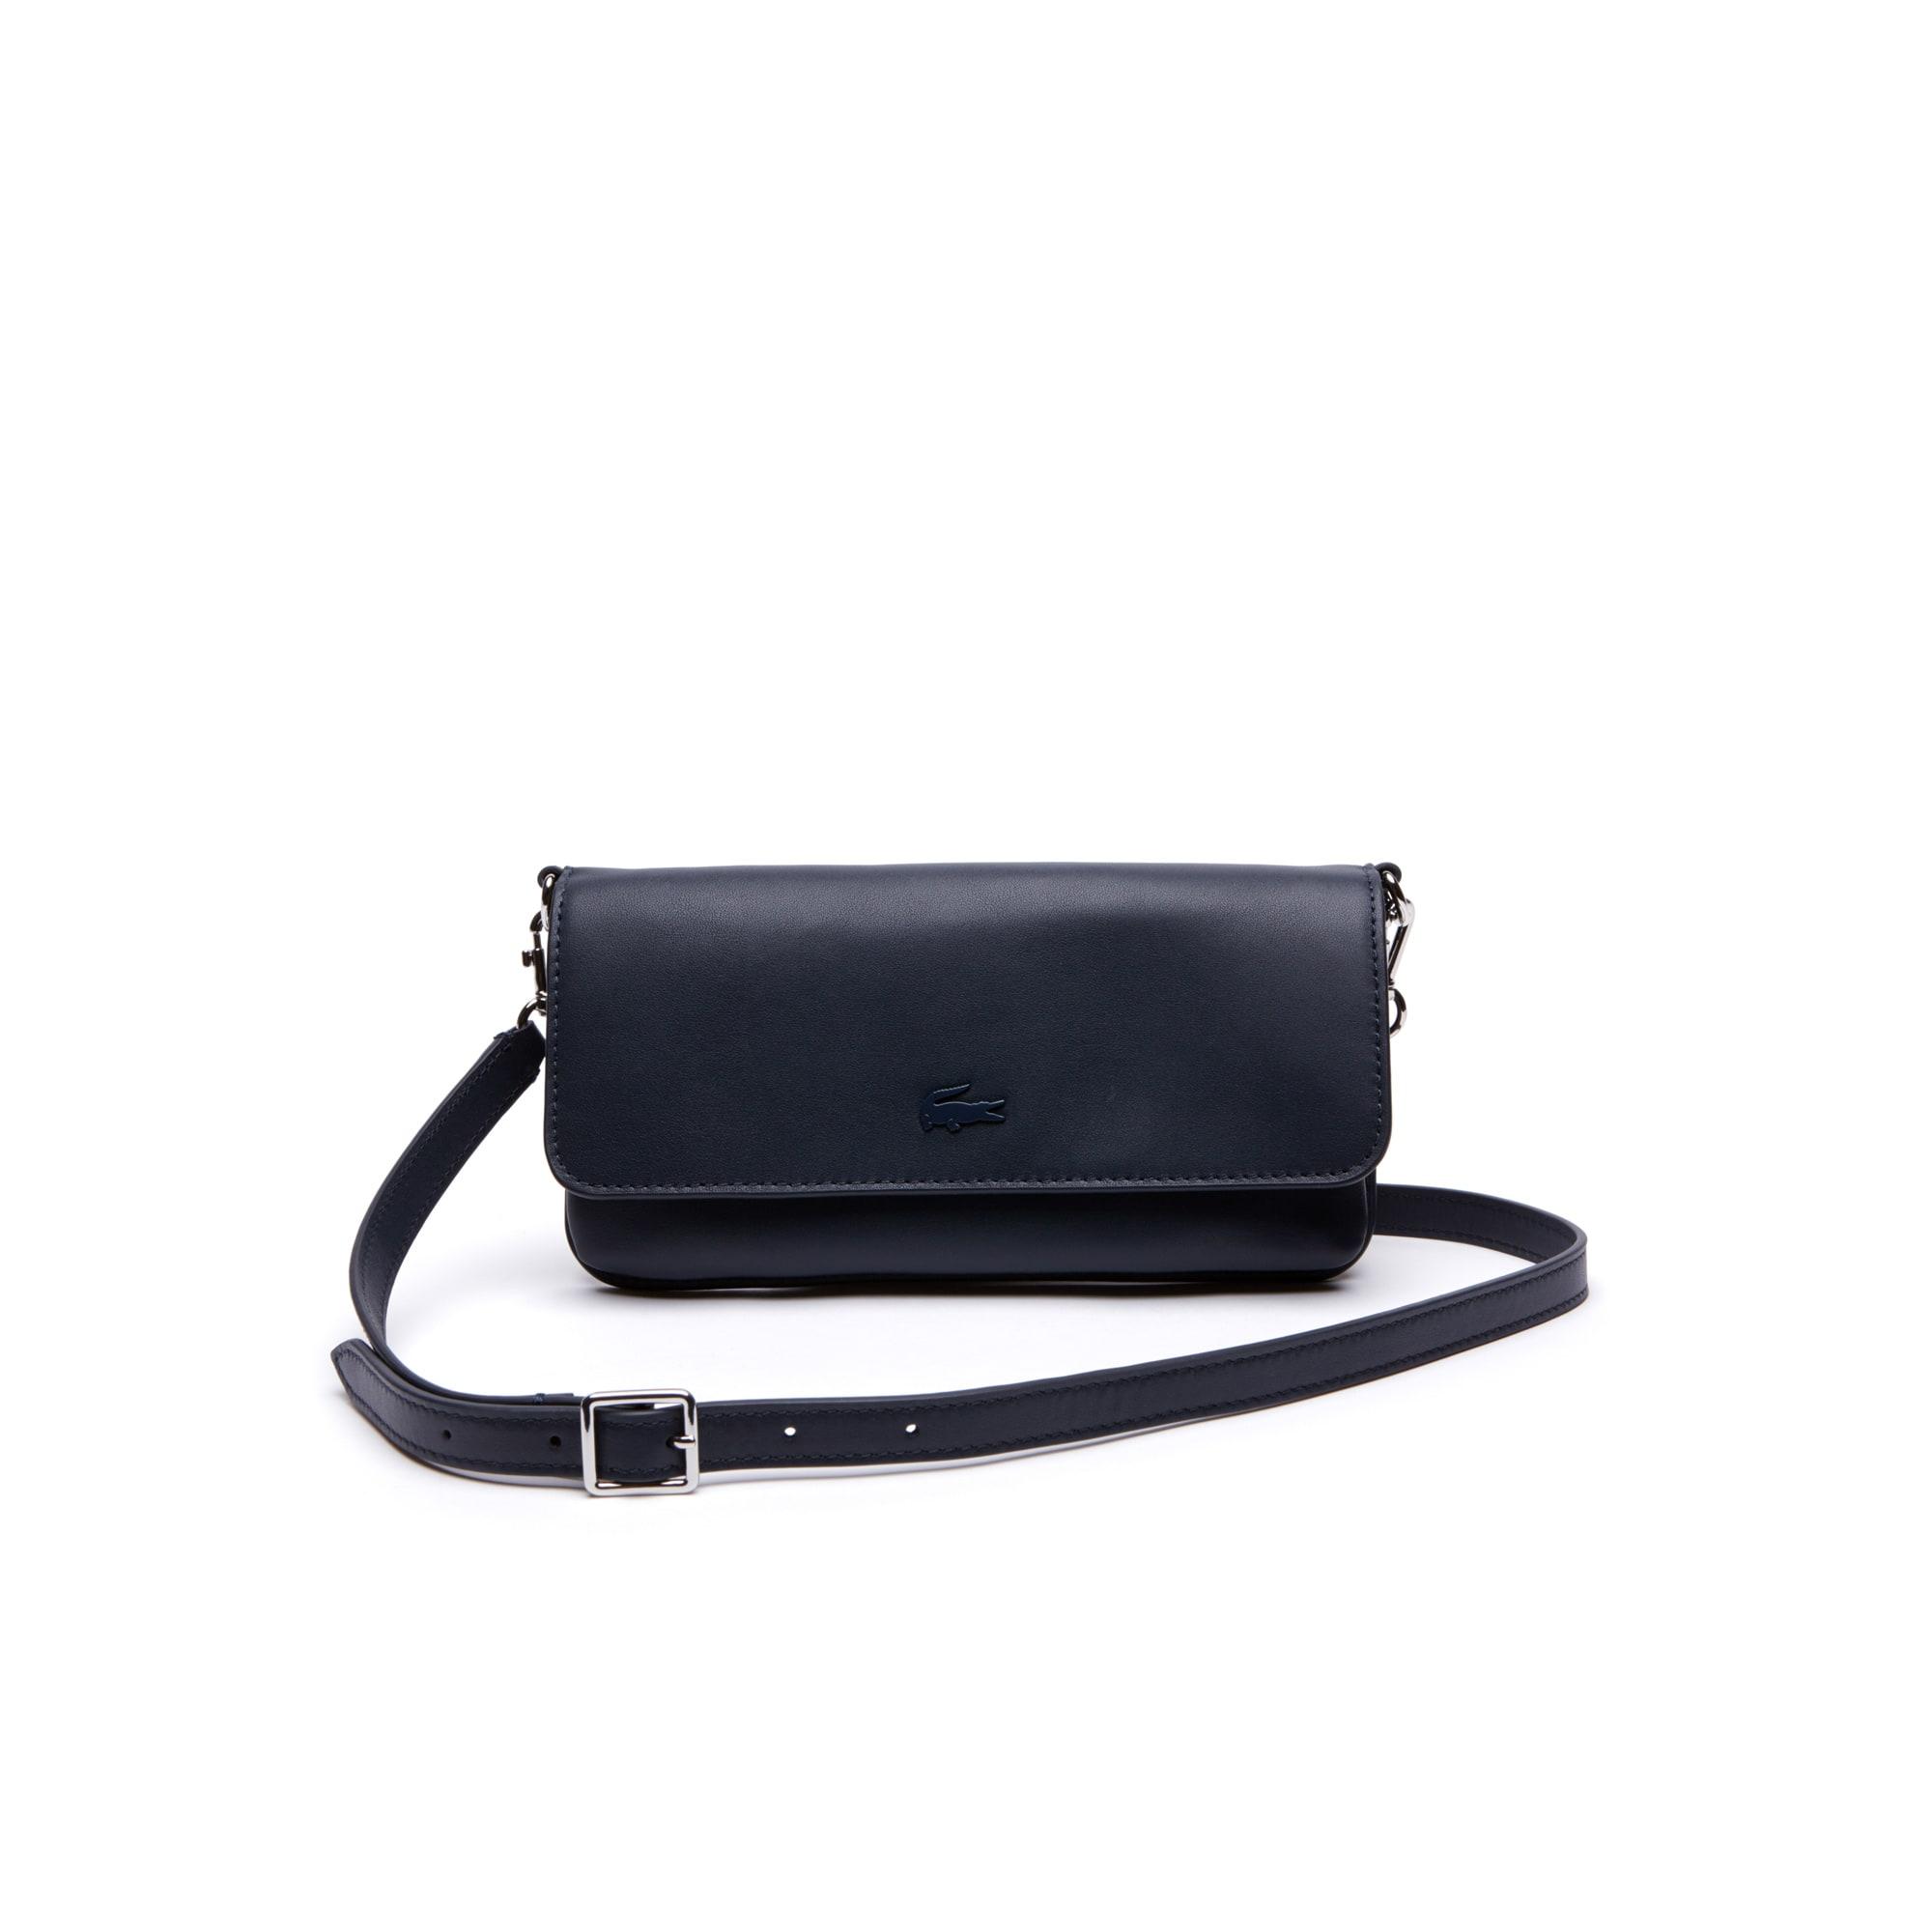 Einfarbige 6 Karten Damen-Brieftasche Purity Soft aus Leder